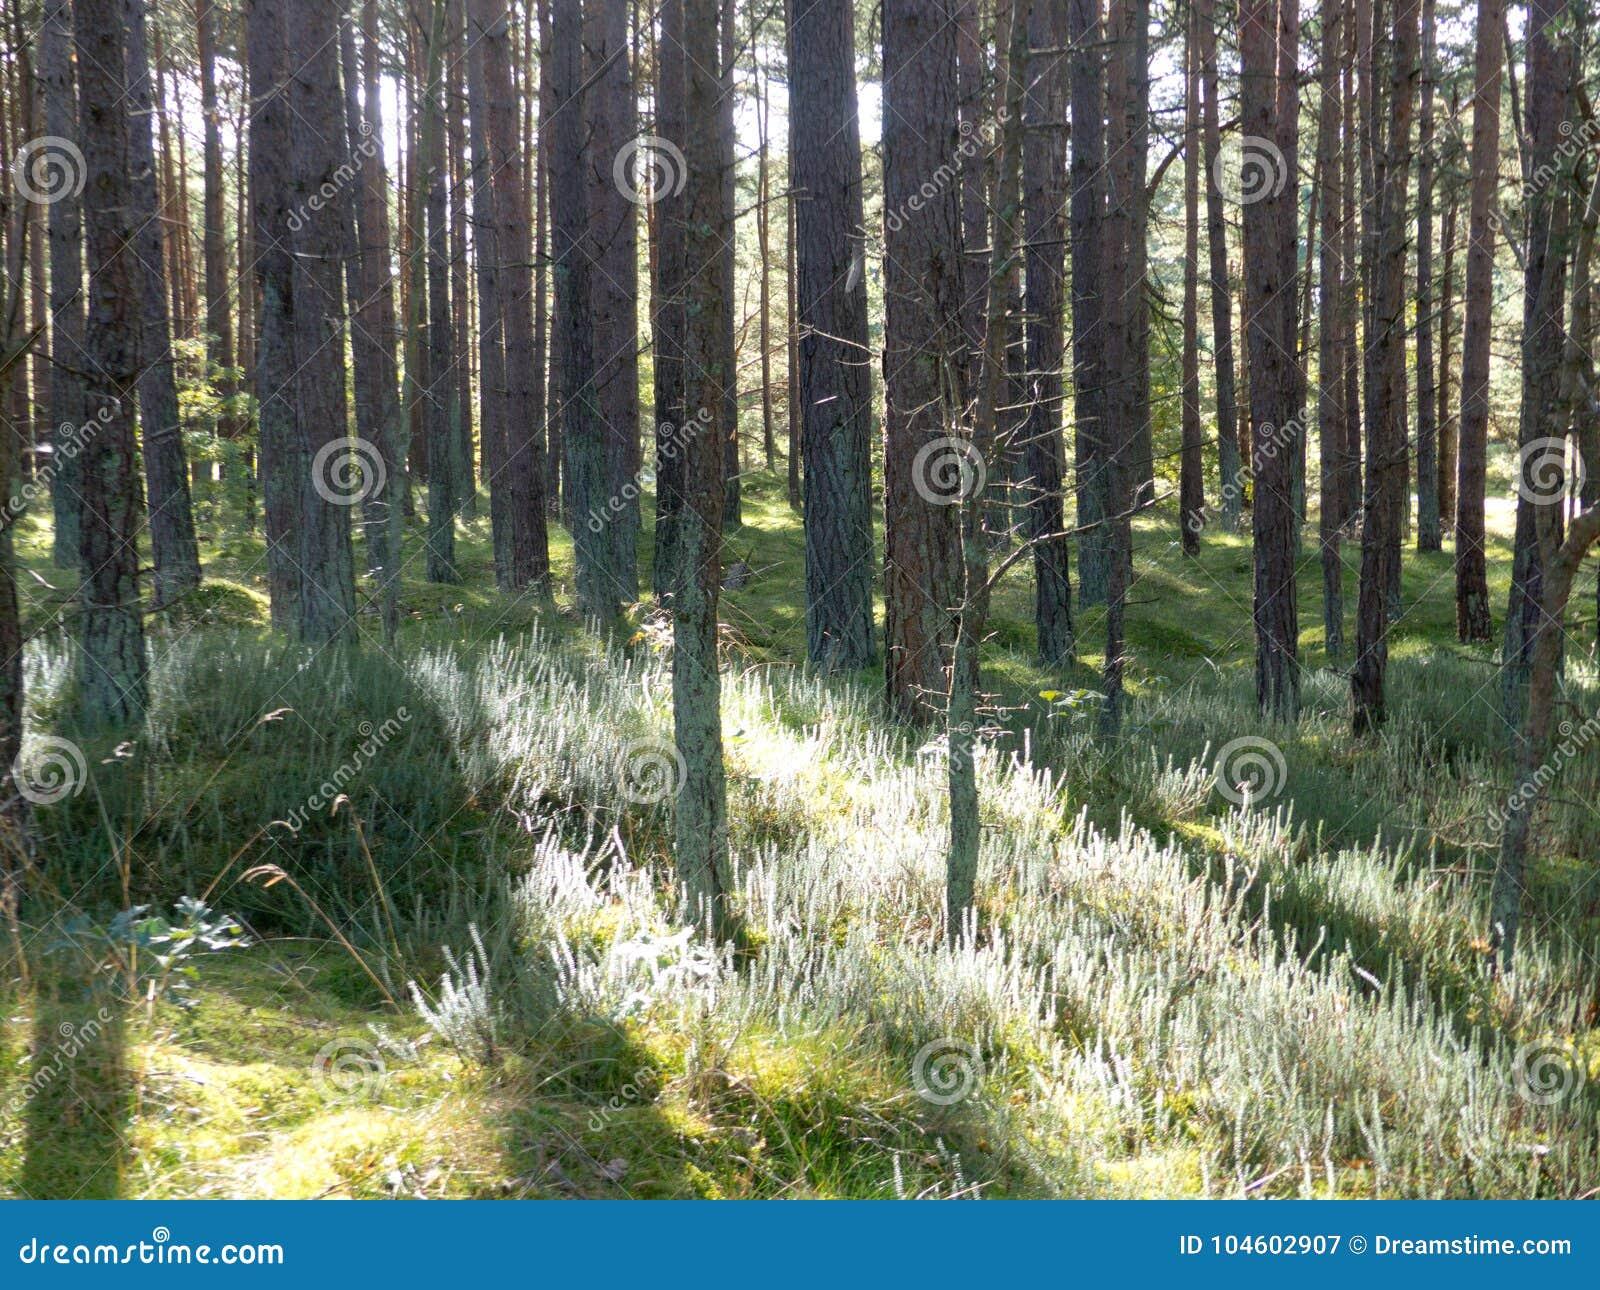 Hed i trät, sol för treeebranches för lövruskor för gryning för ljus för closeup för slut för träd för filialer för ljungträskog